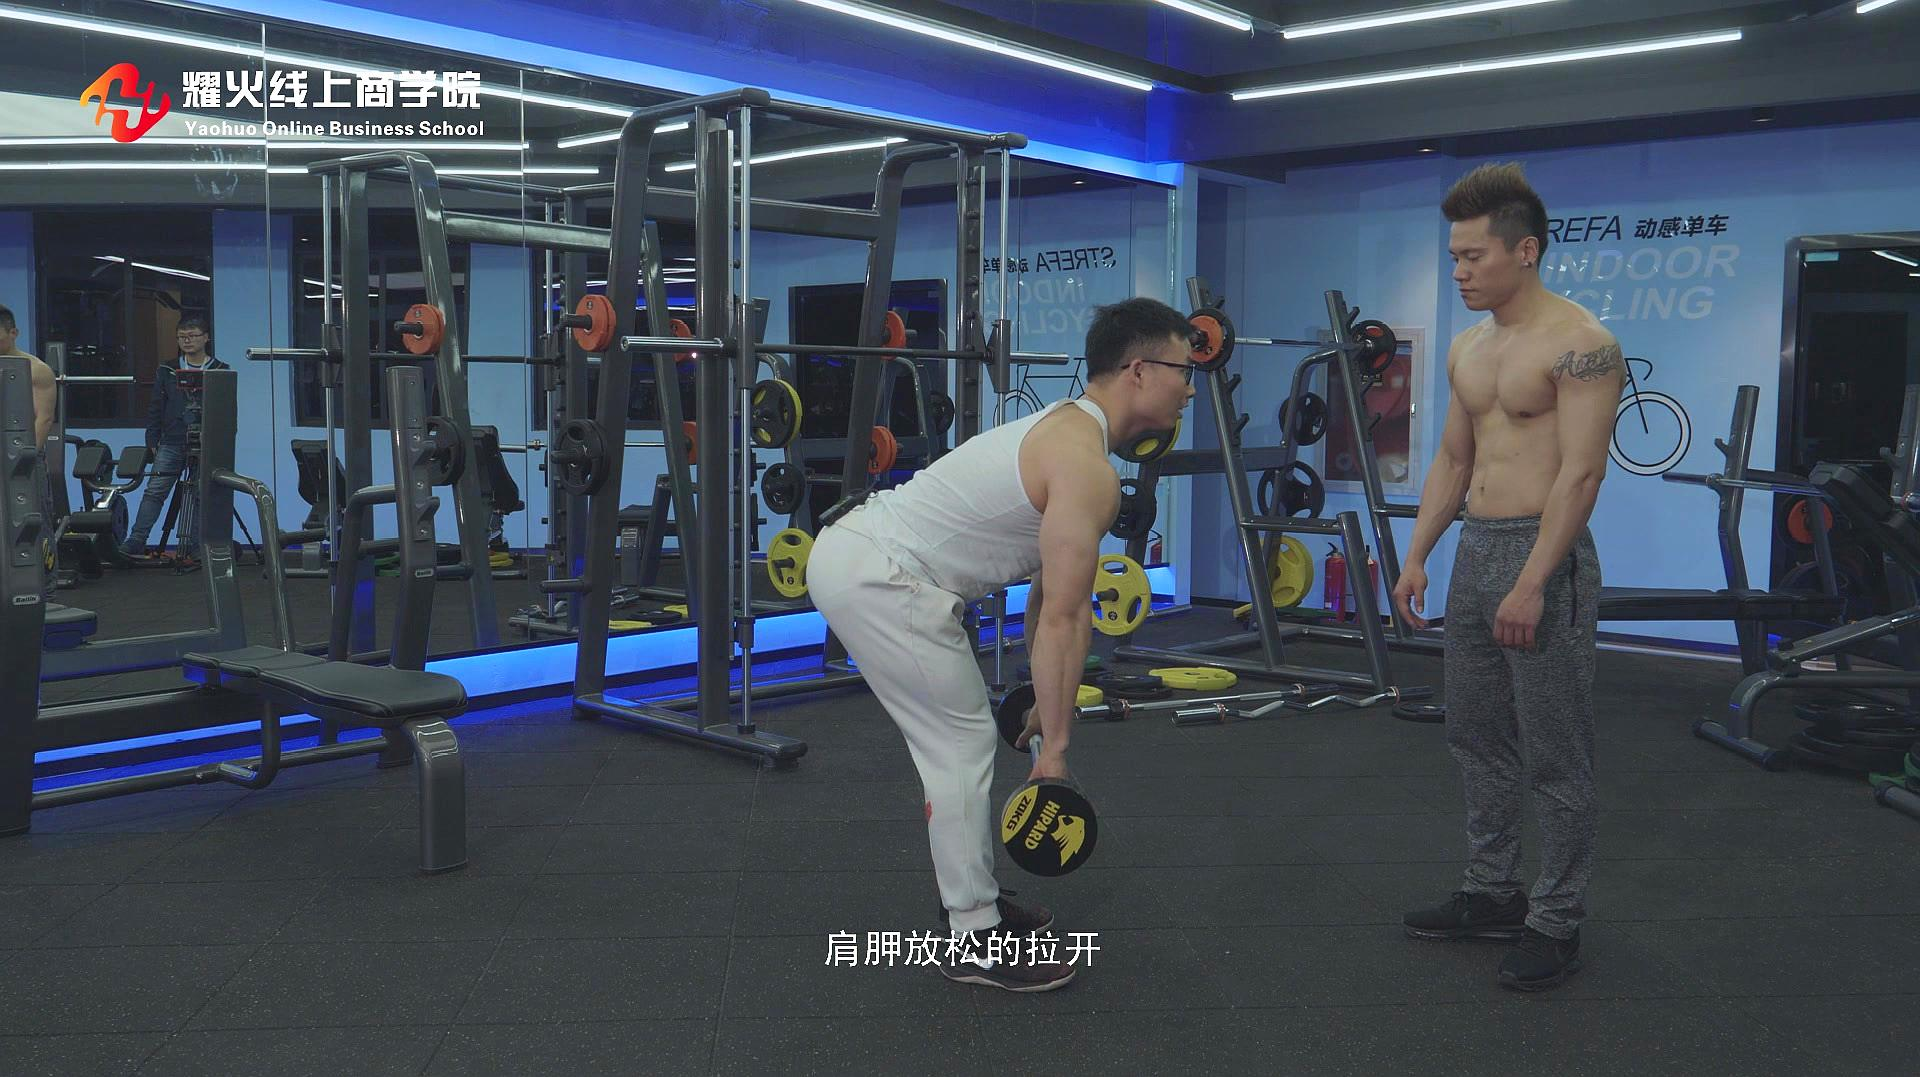 冠军带你避开杠铃硬拉的常见错误,练出完美背部肌群